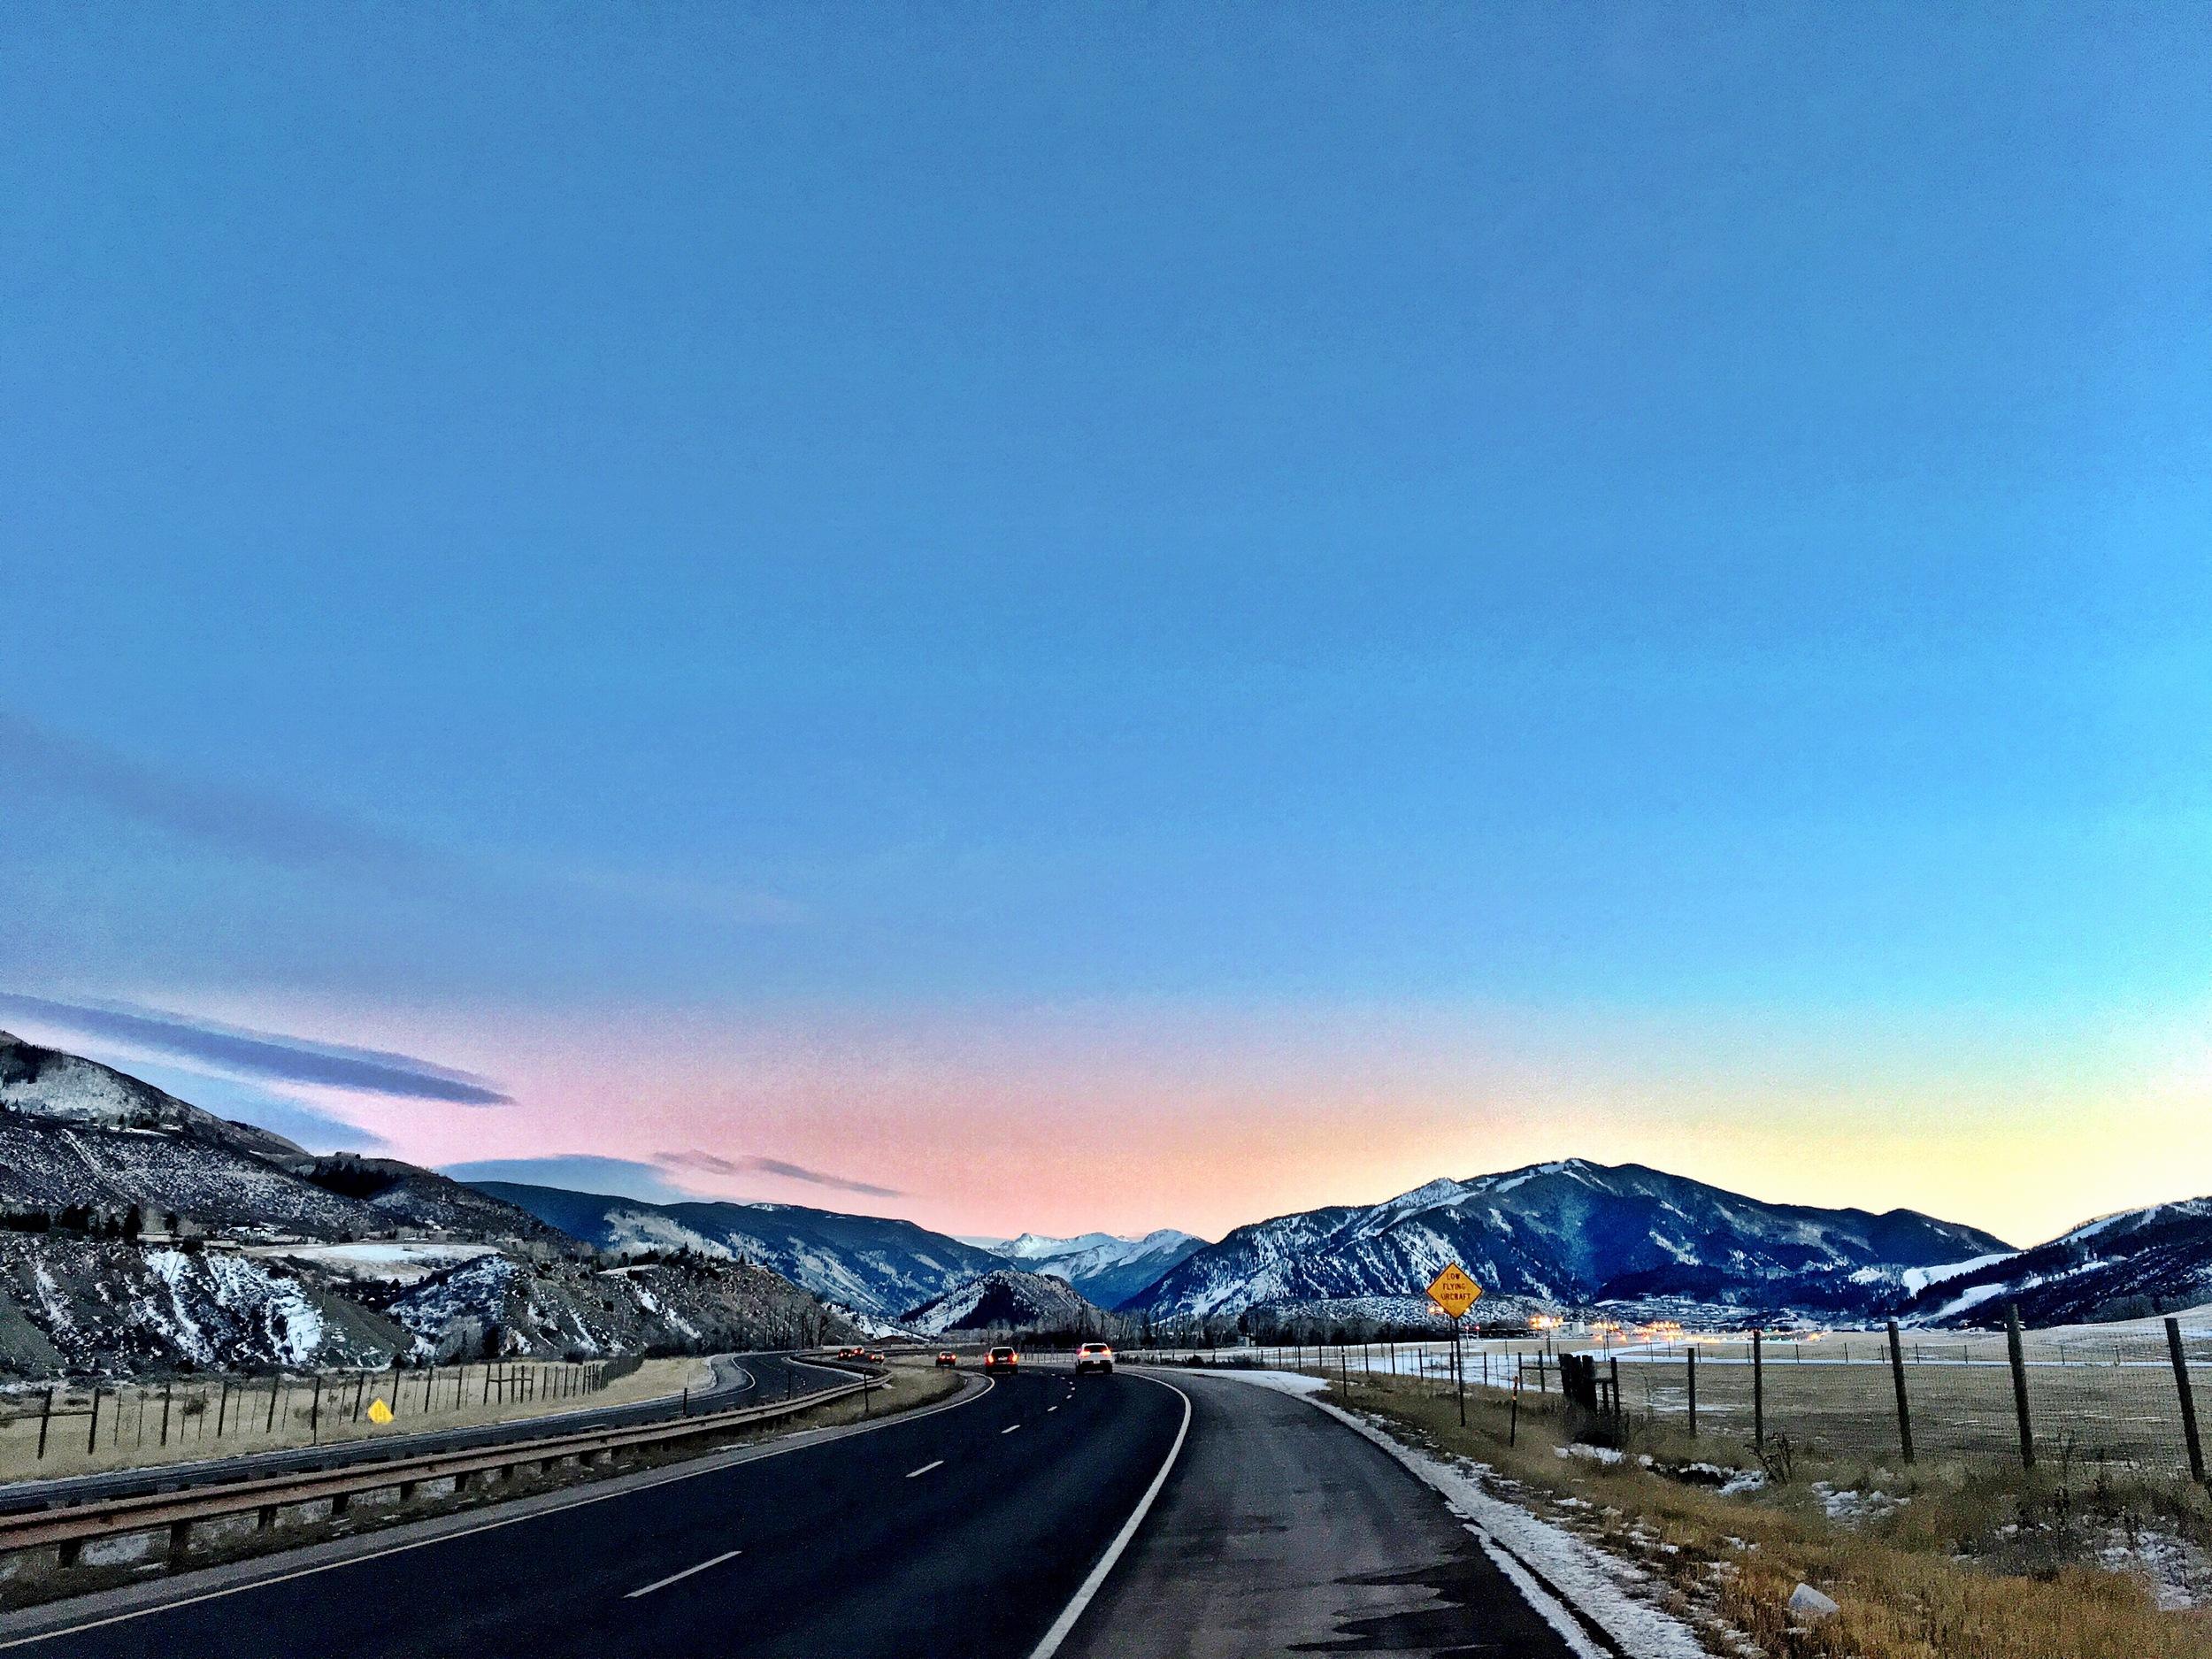 Grungy Slopes, Aspen Colorado, The Gant 17.jpg